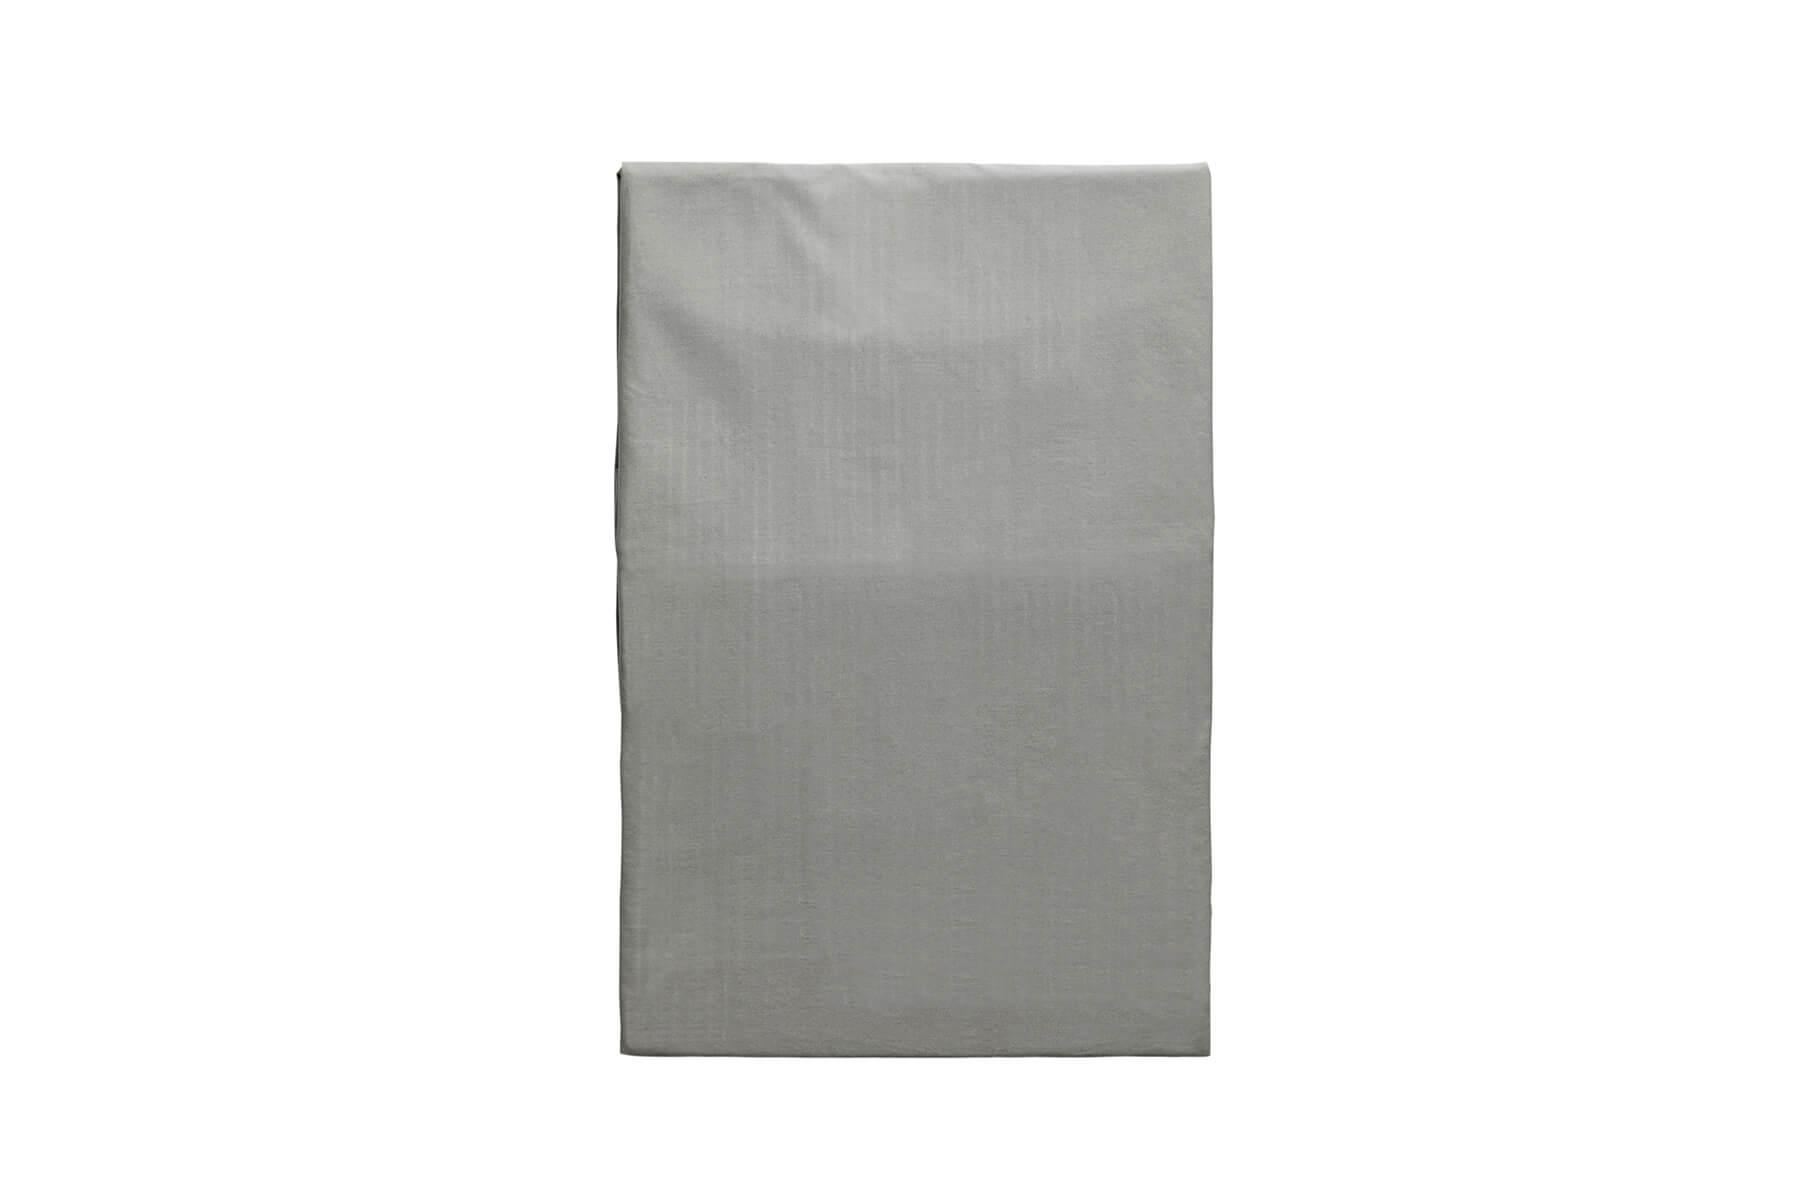 Køb Norhland kuvertlagen GrÃ¥ 80 x 200 cm